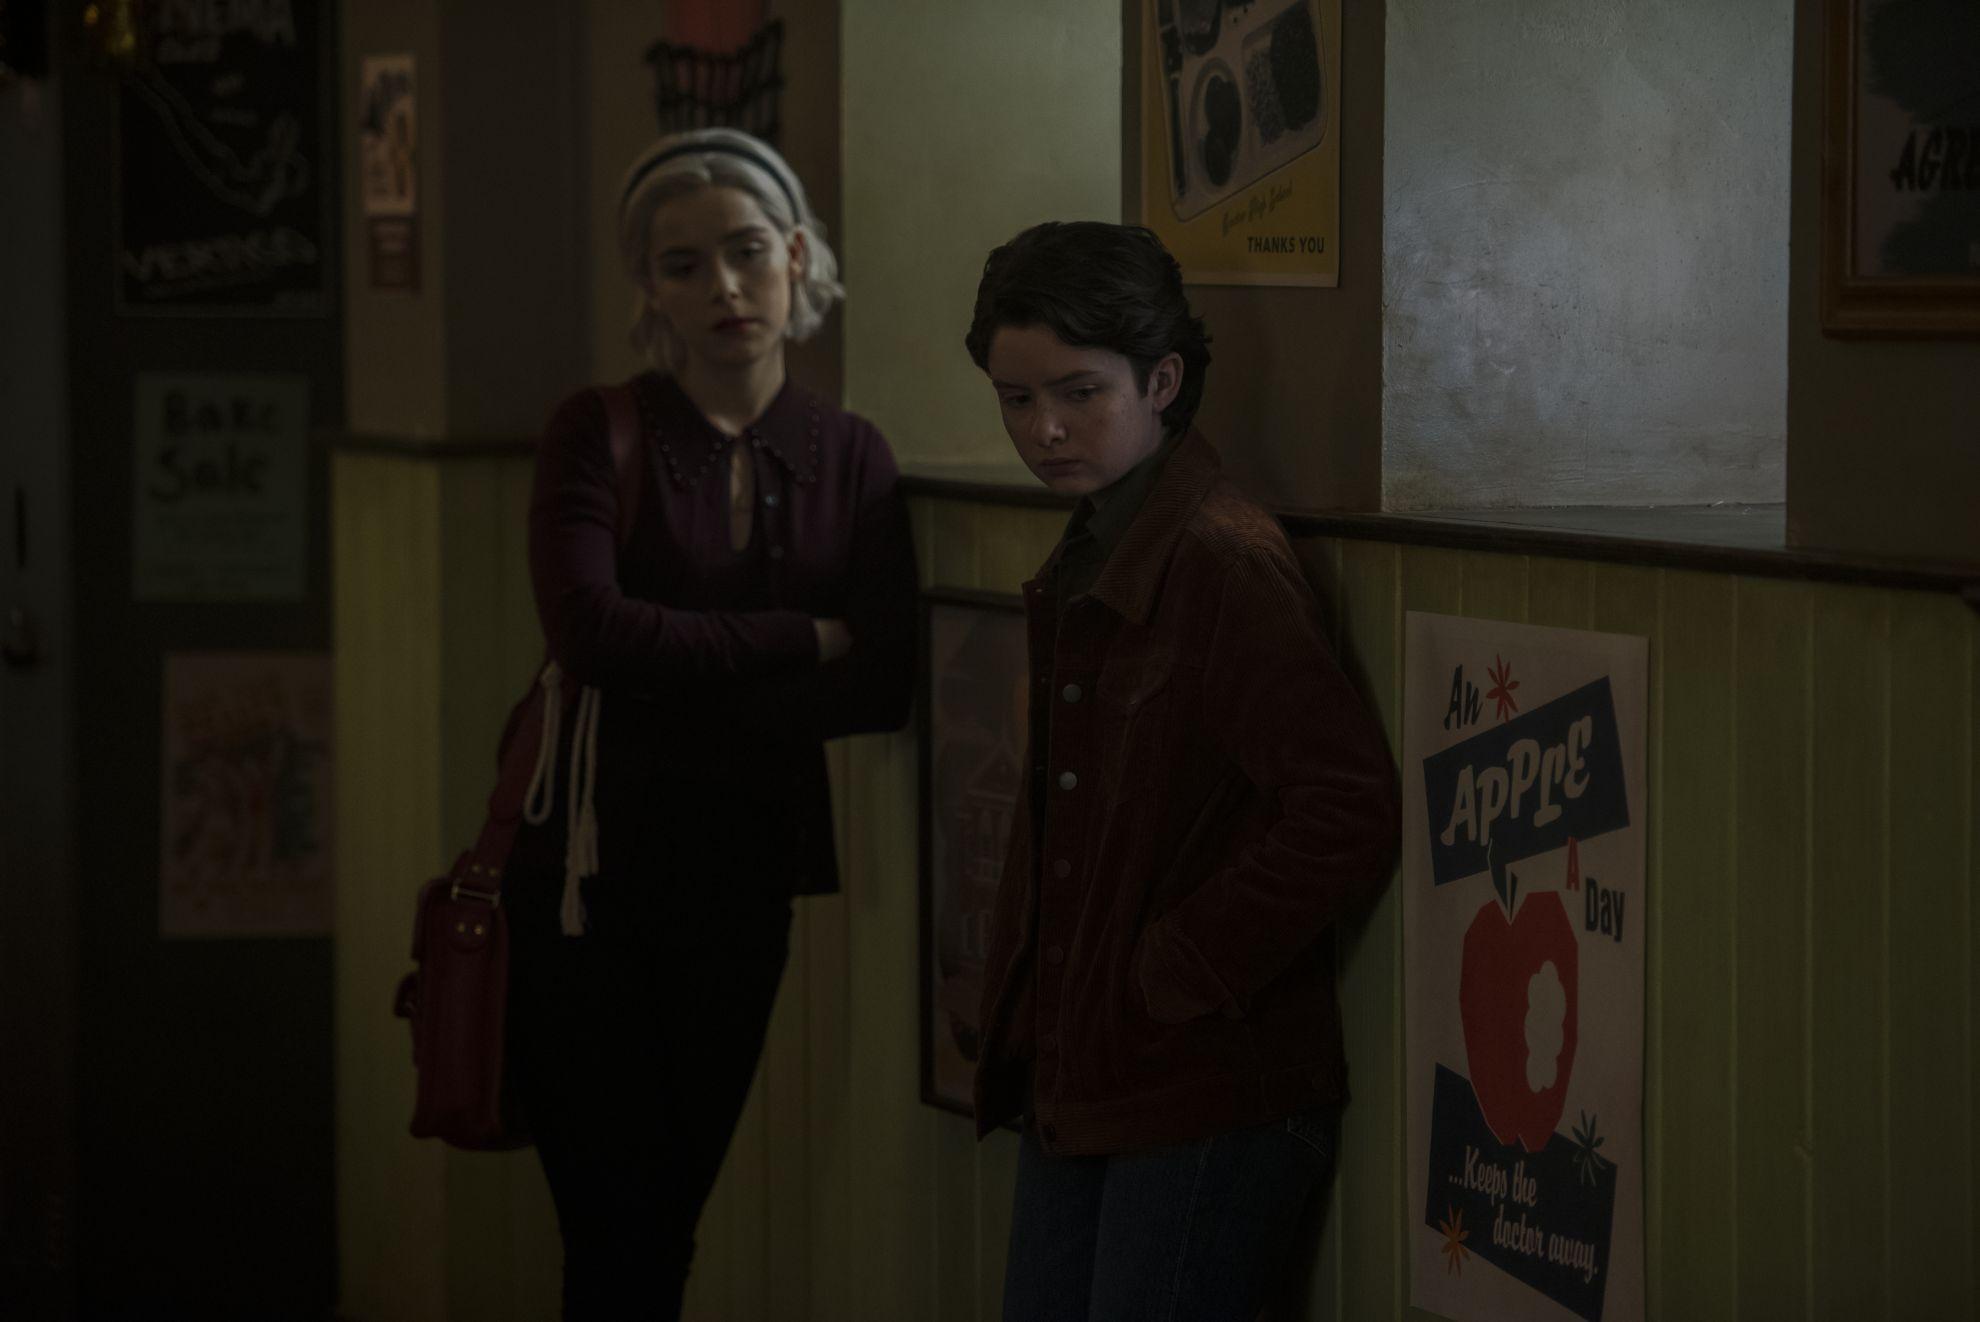 Le terrificanti avventure di Sabrina: Kiernan Shipka e Lachlan Watson nella seconda stagione